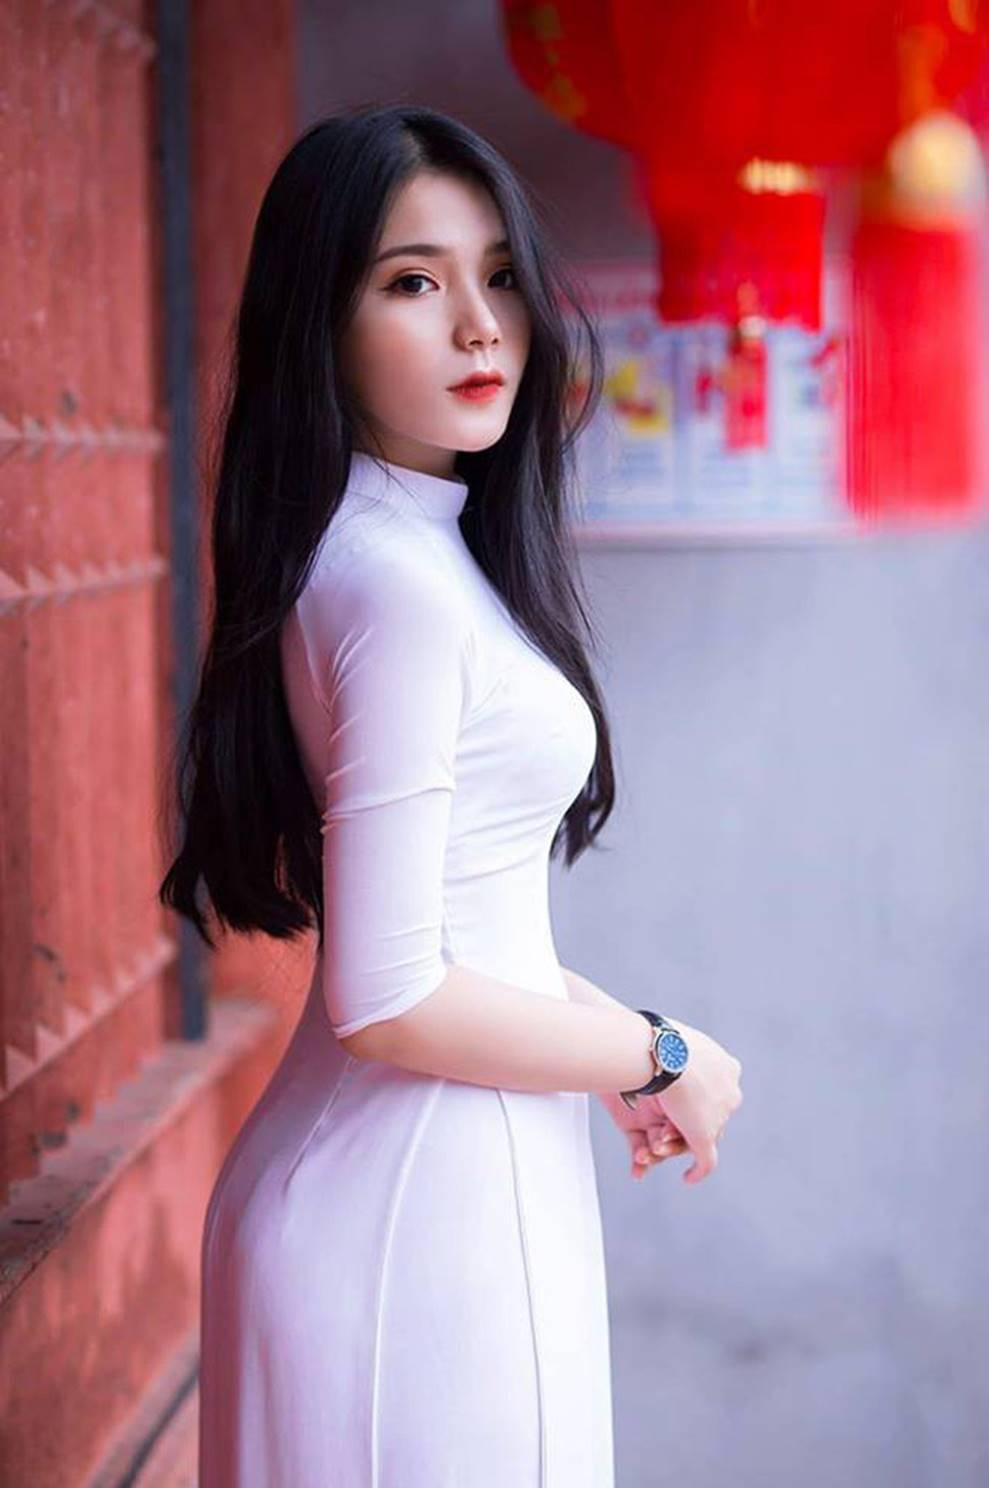 Truỵ tim với dàn hot girl đời mới của trường Báo: Vừa xinh, vừa giỏi, hứa hẹn soán ngôi đàn chị đình đám đi trước-14